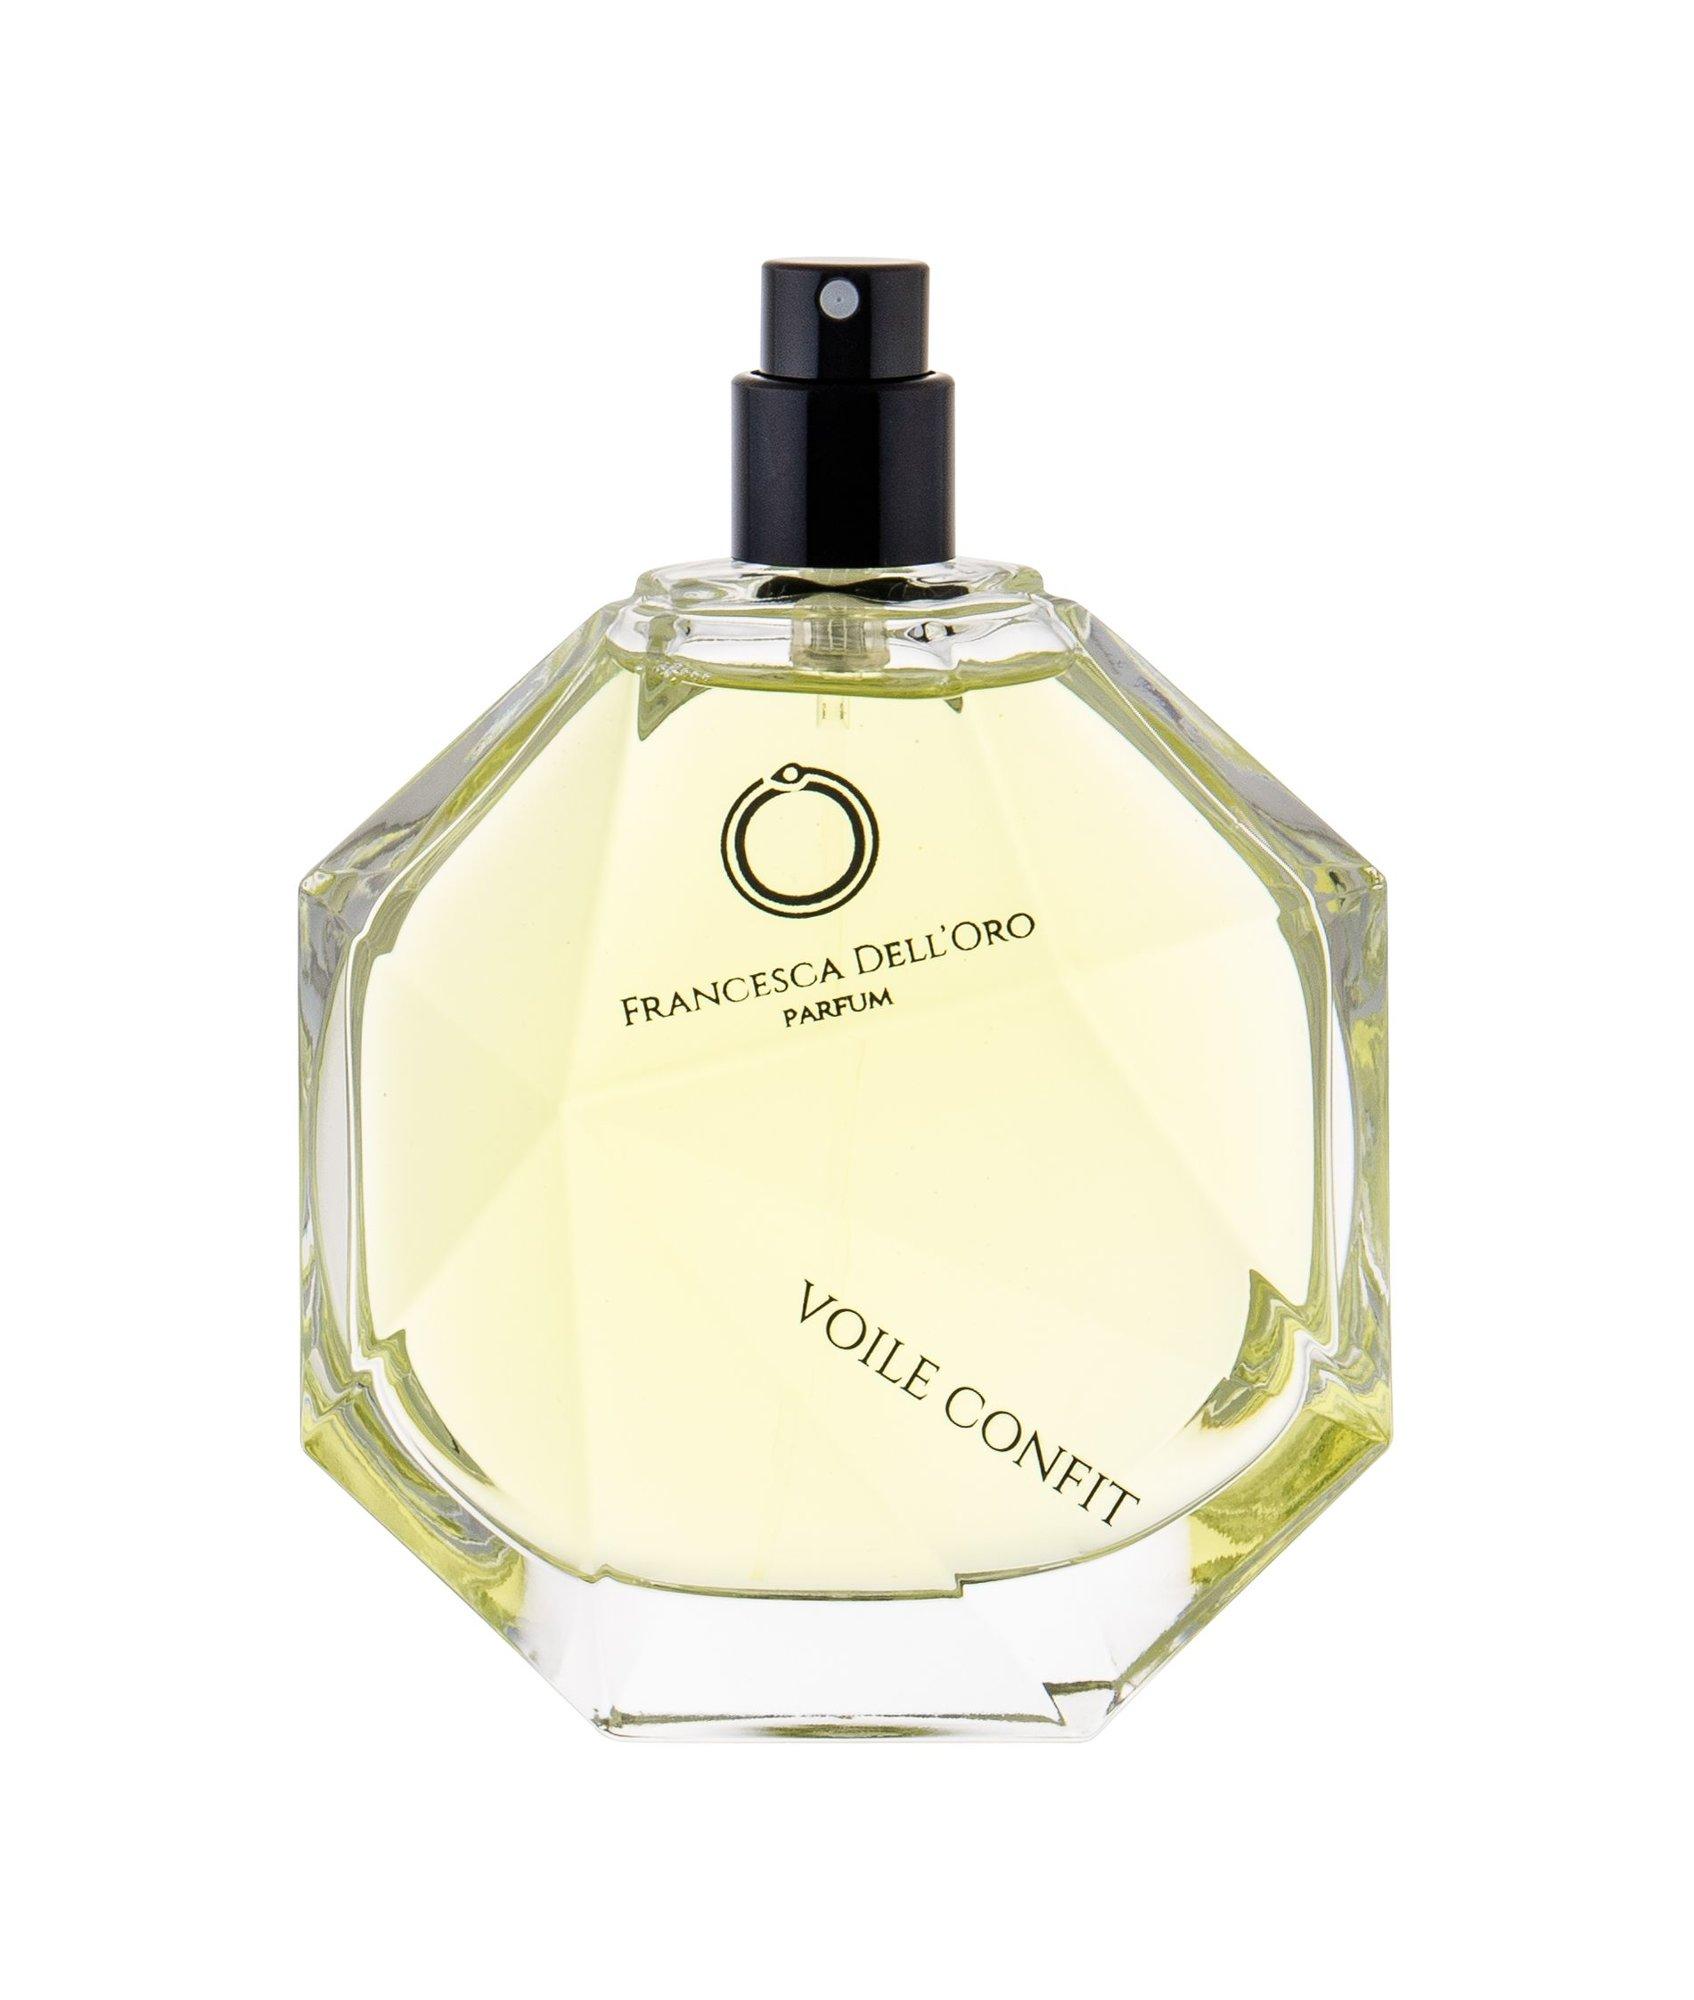 Francesca dell´Oro Voile Confit Eau de Parfum 100ml